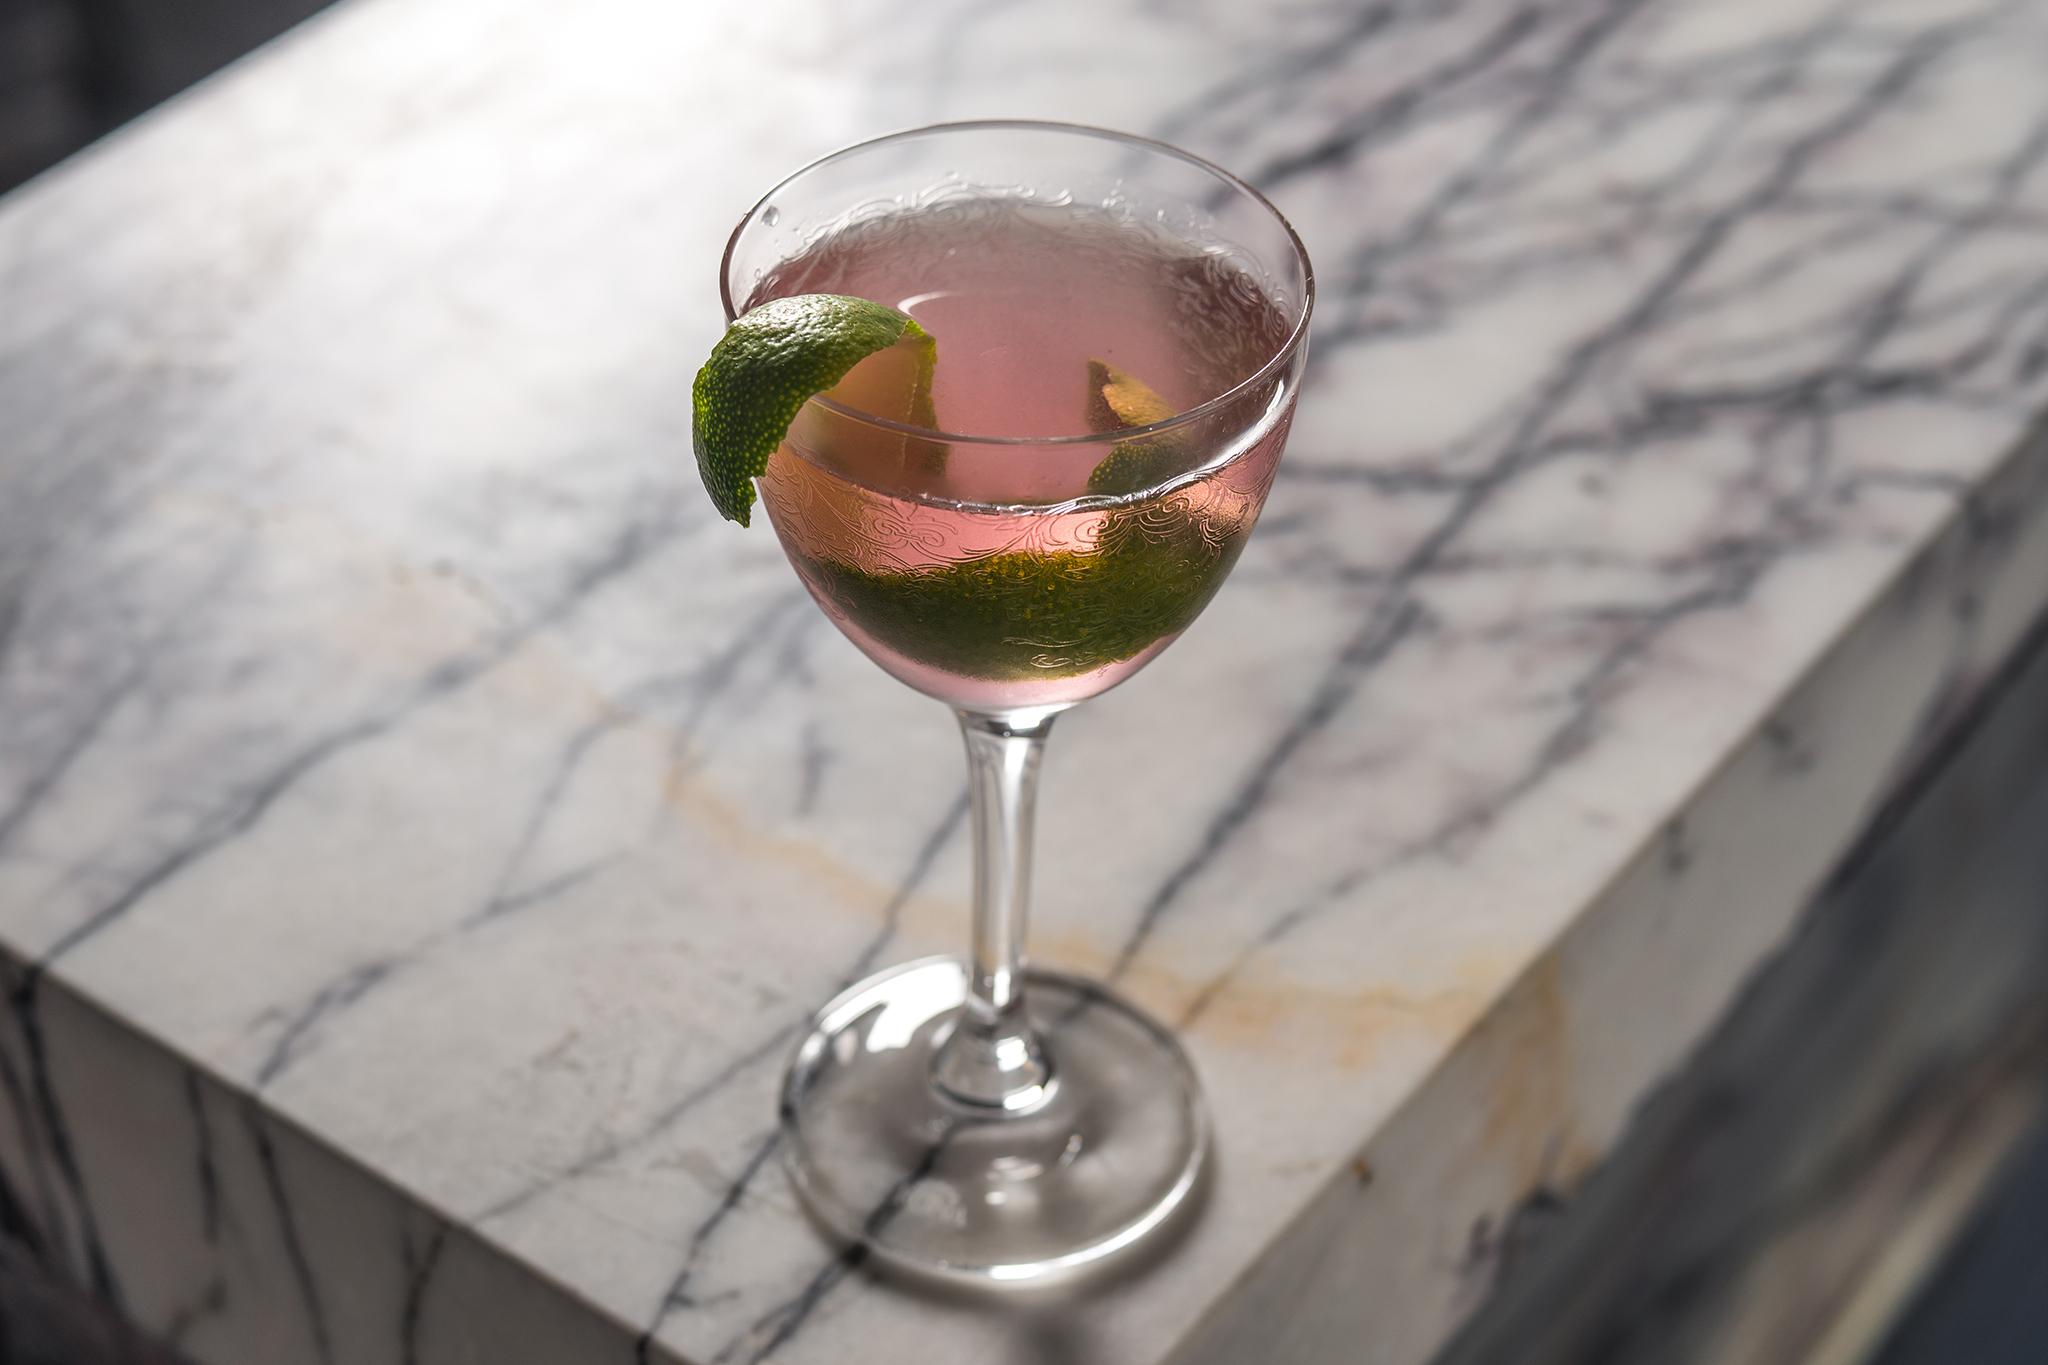 Rebelle wine bar